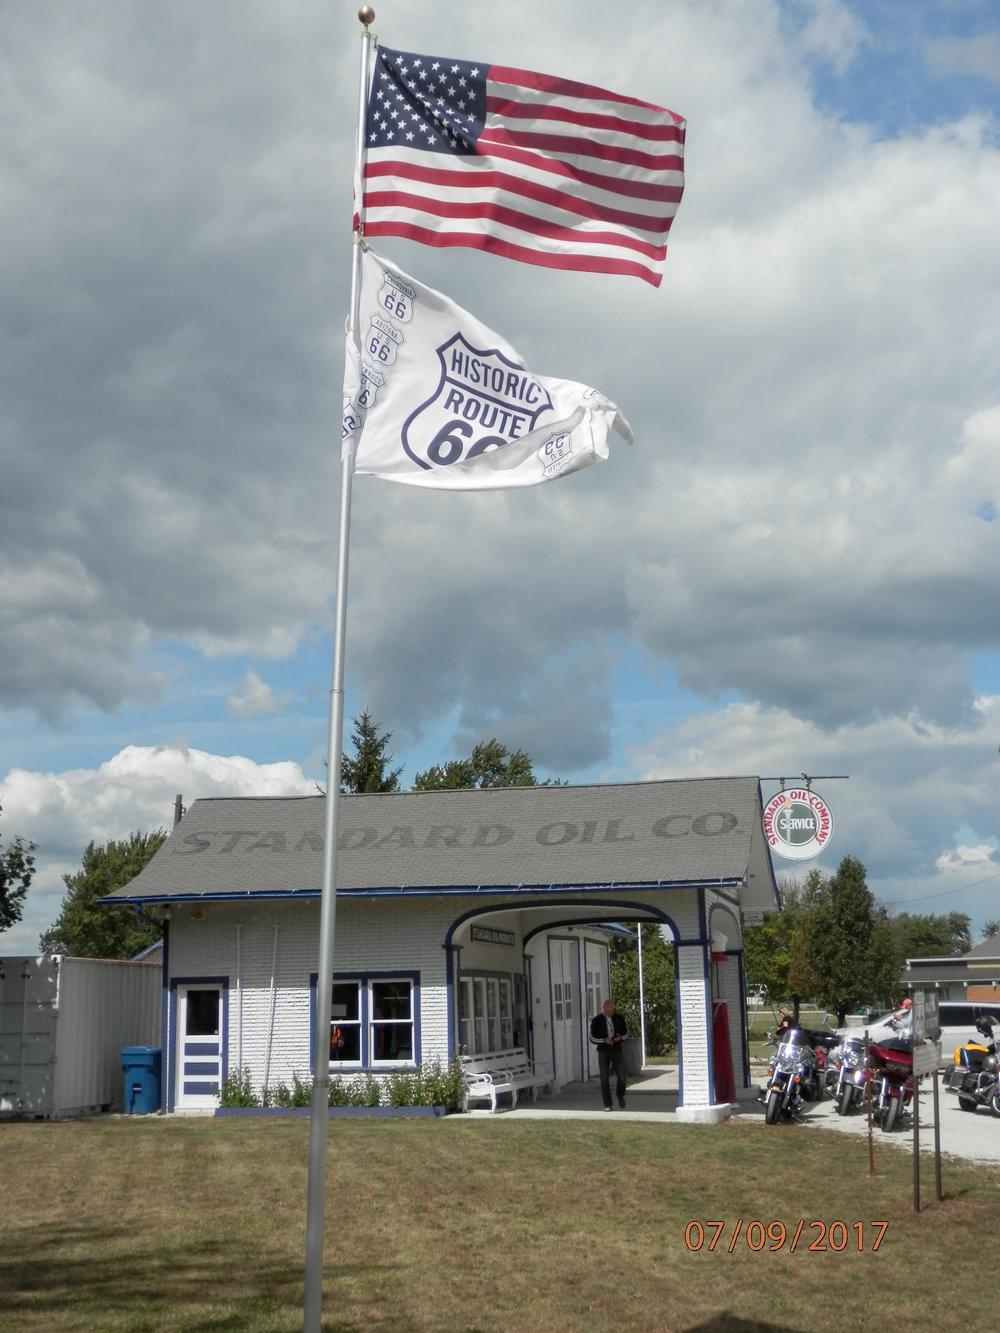 Ensimmäinen Route66 aiheinen myymälä löytyi tästä upeasti kunnostetulta huoltoasemalta.